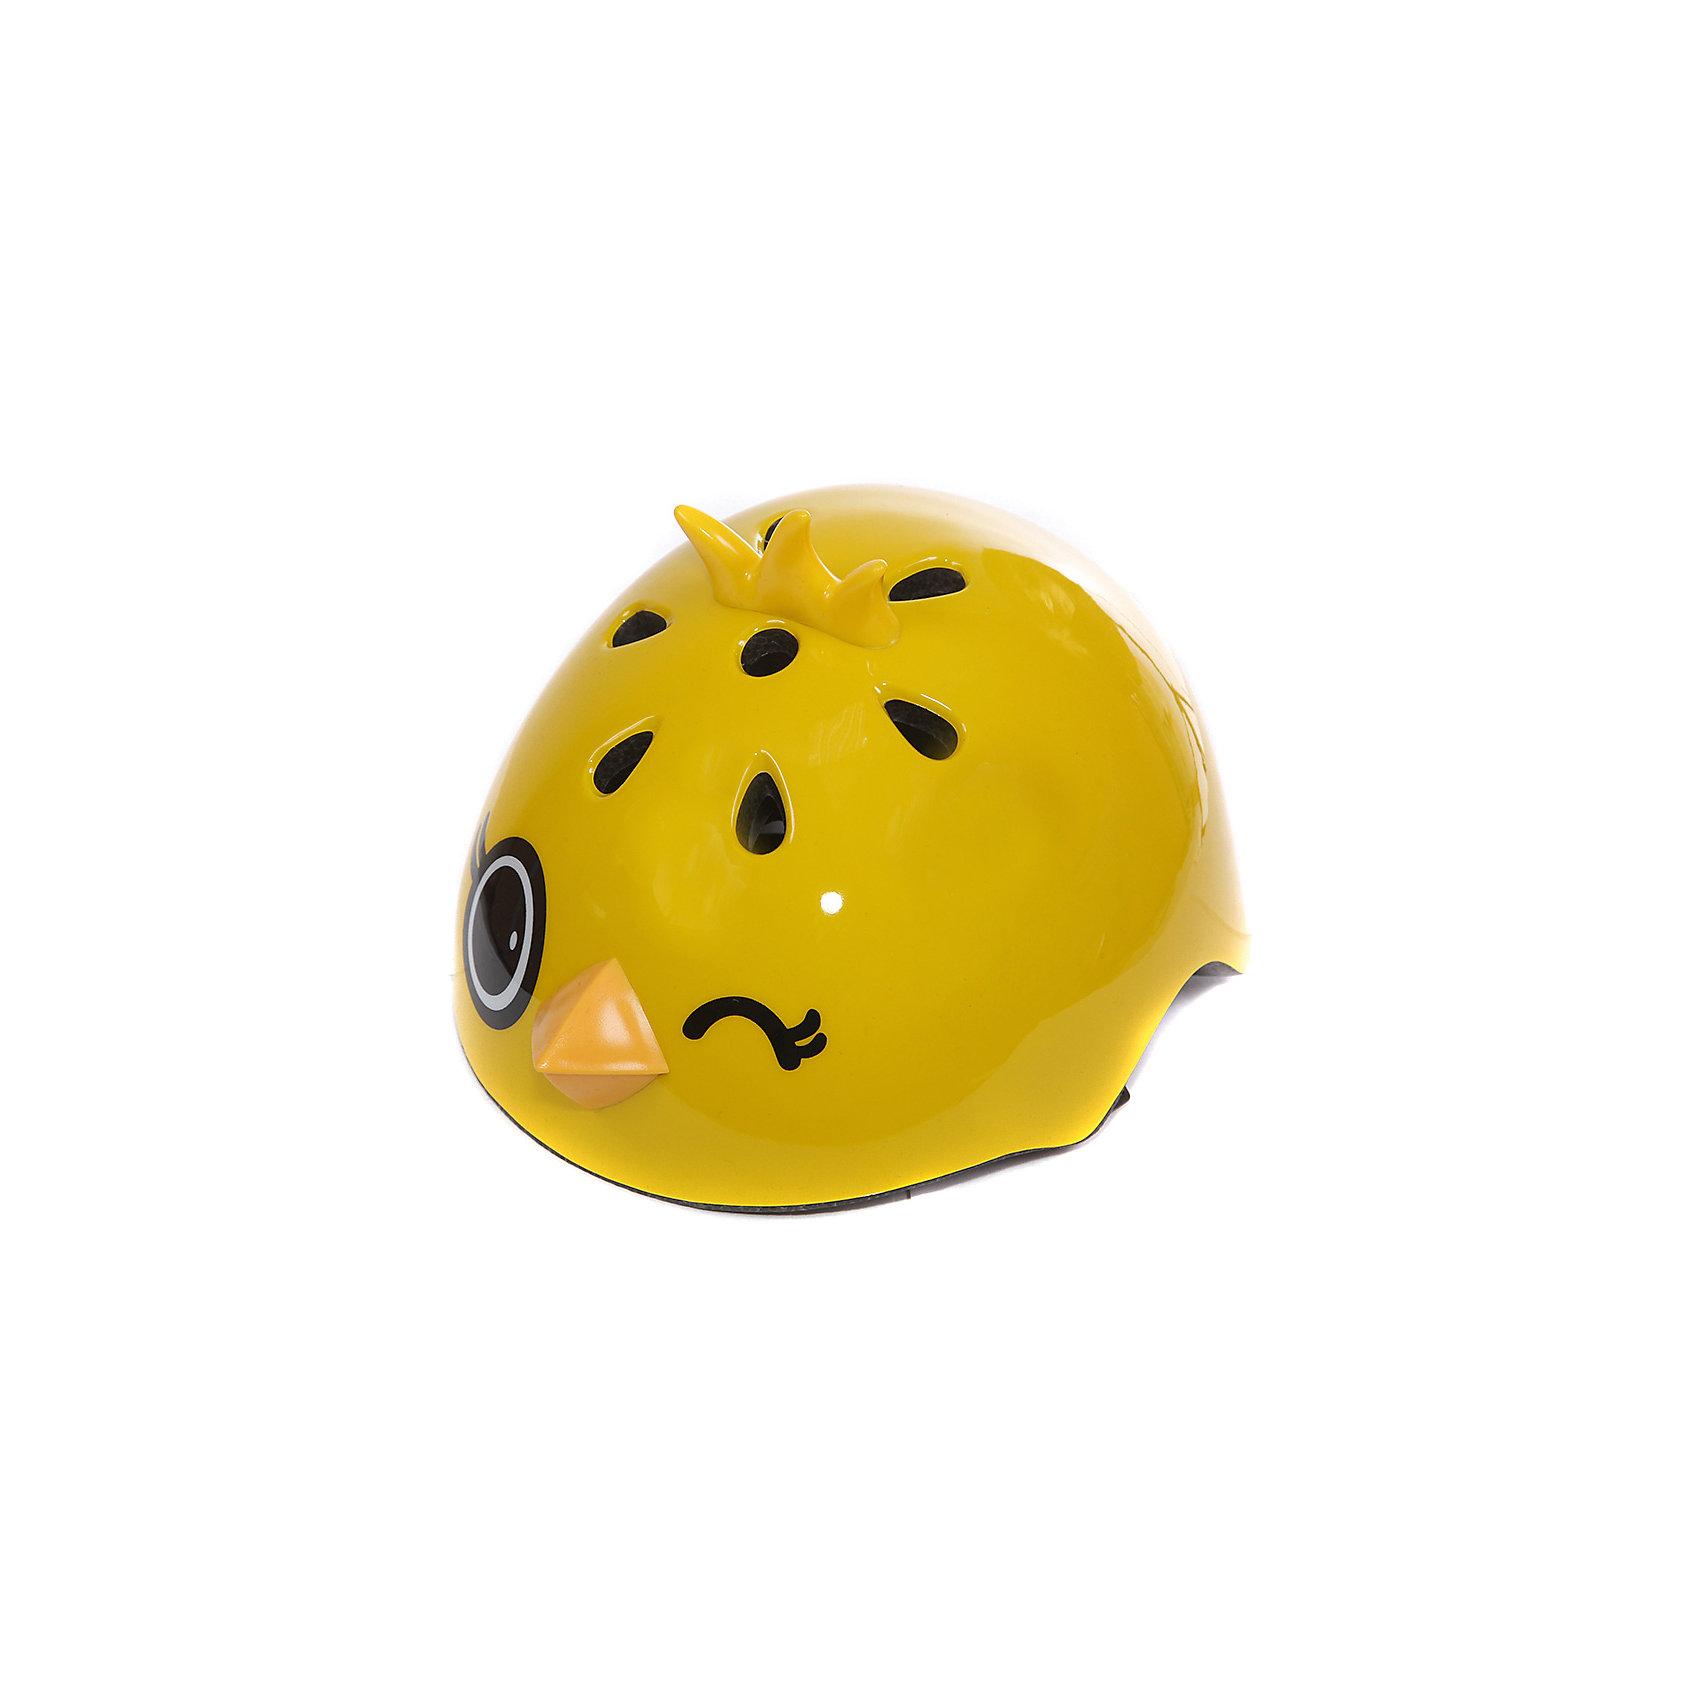 - Шлем Цыпленок Янни, желтый, REXCO купить шлем летчика в минске